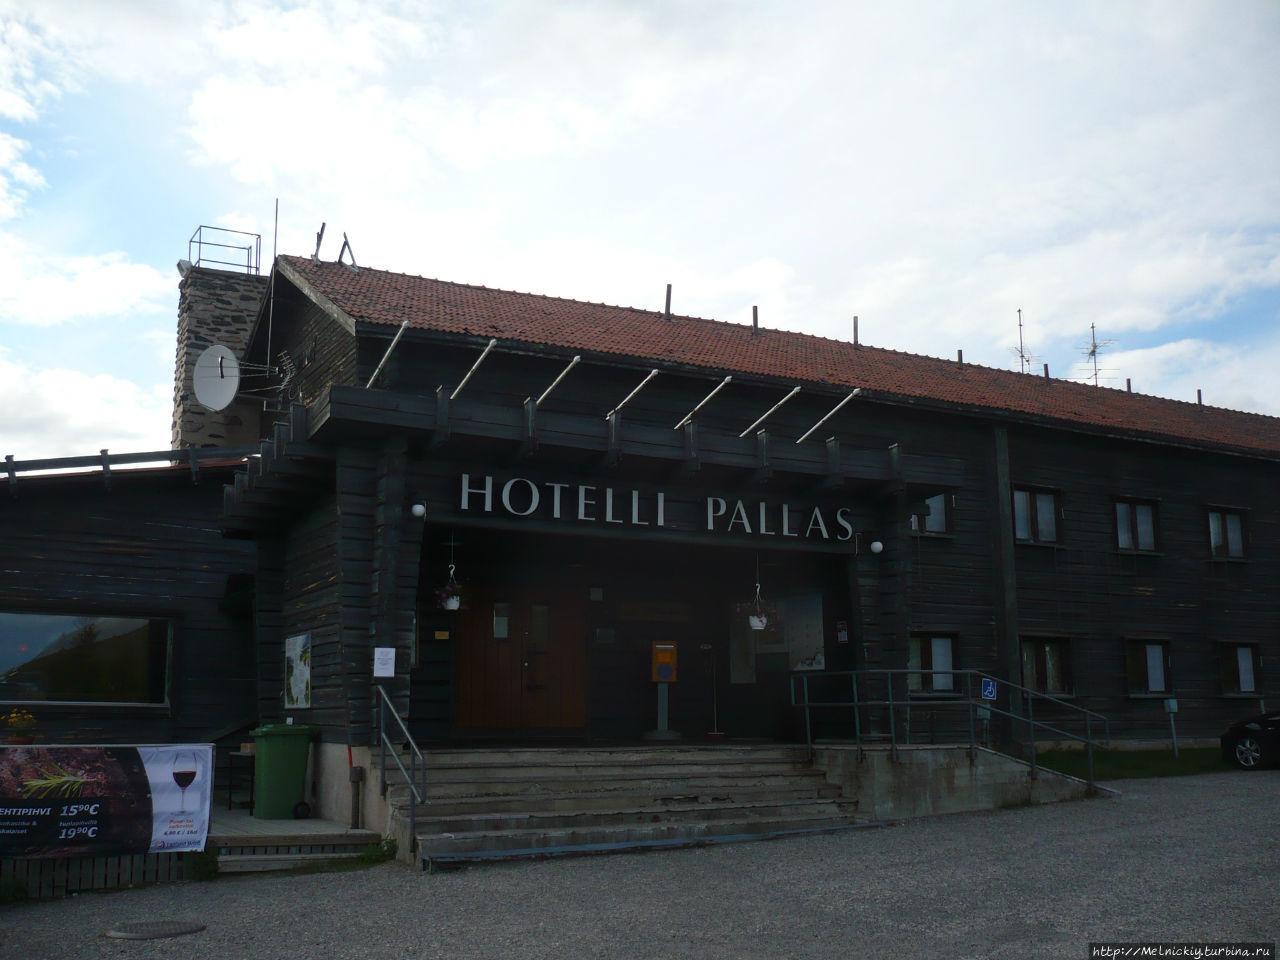 Отель Паллас Паллас-Юллястунтури Национальный Парк), Финляндия